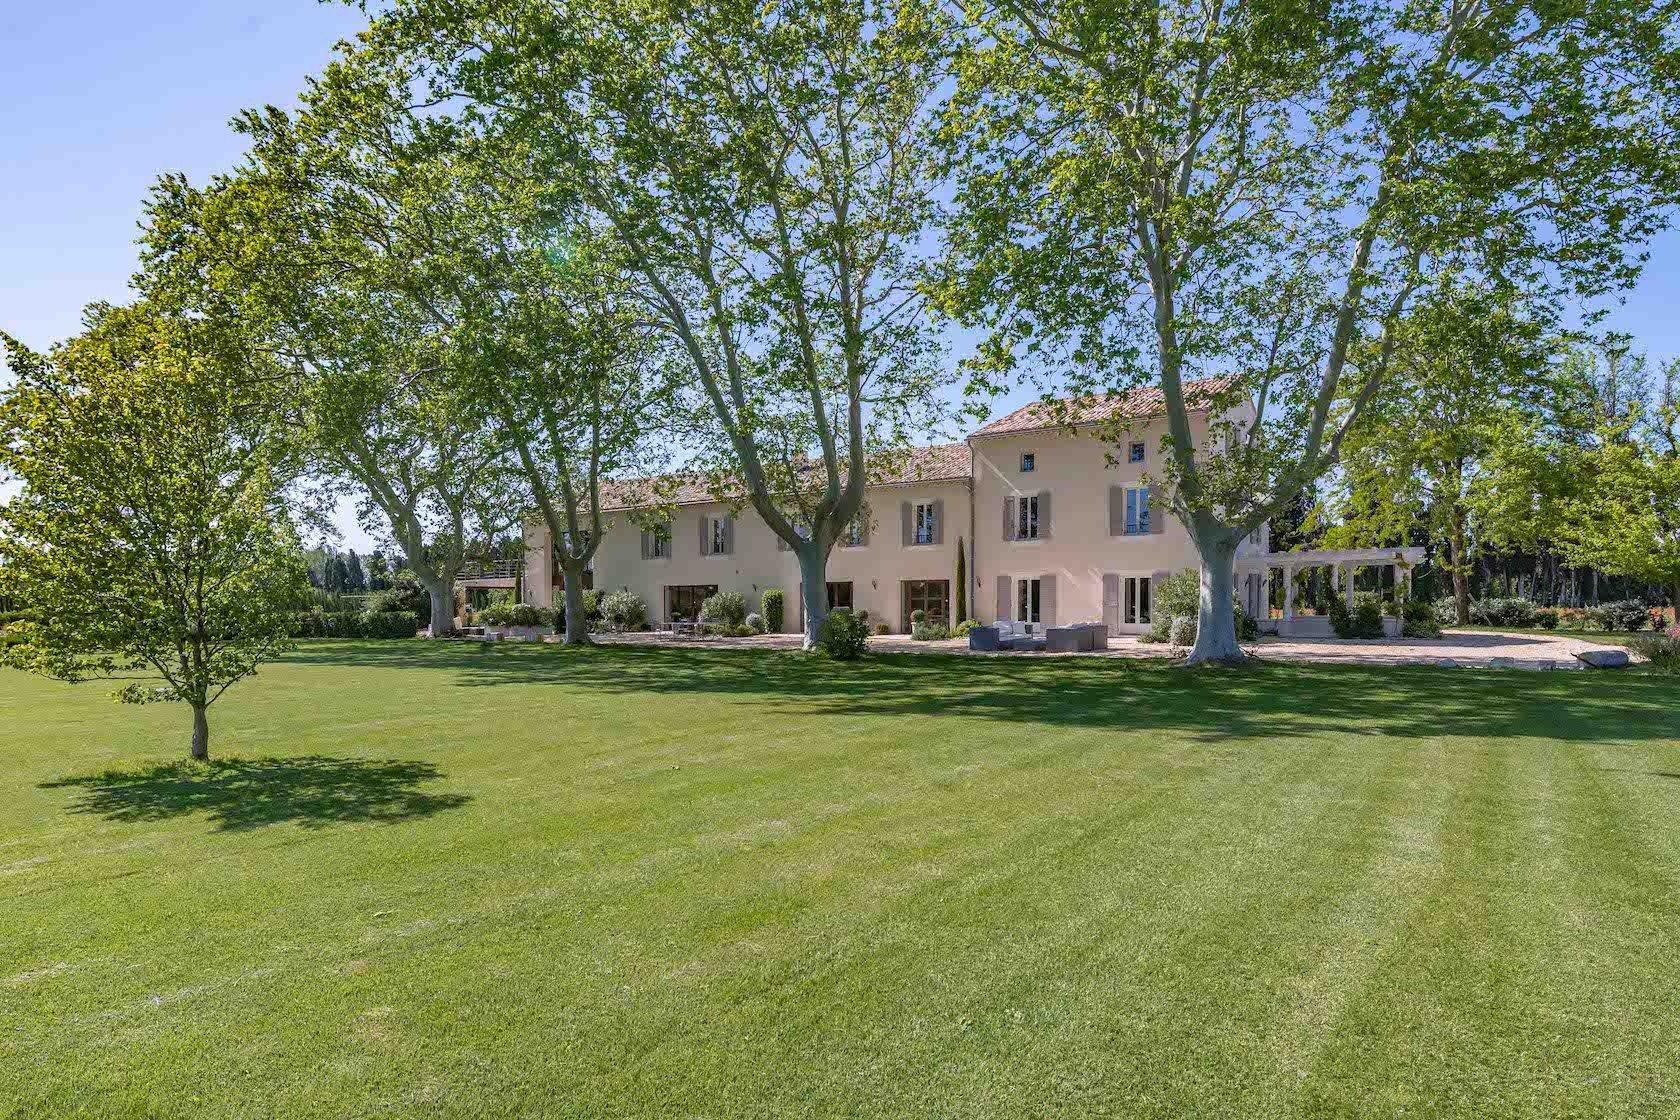 Villas for Sale - A2995208